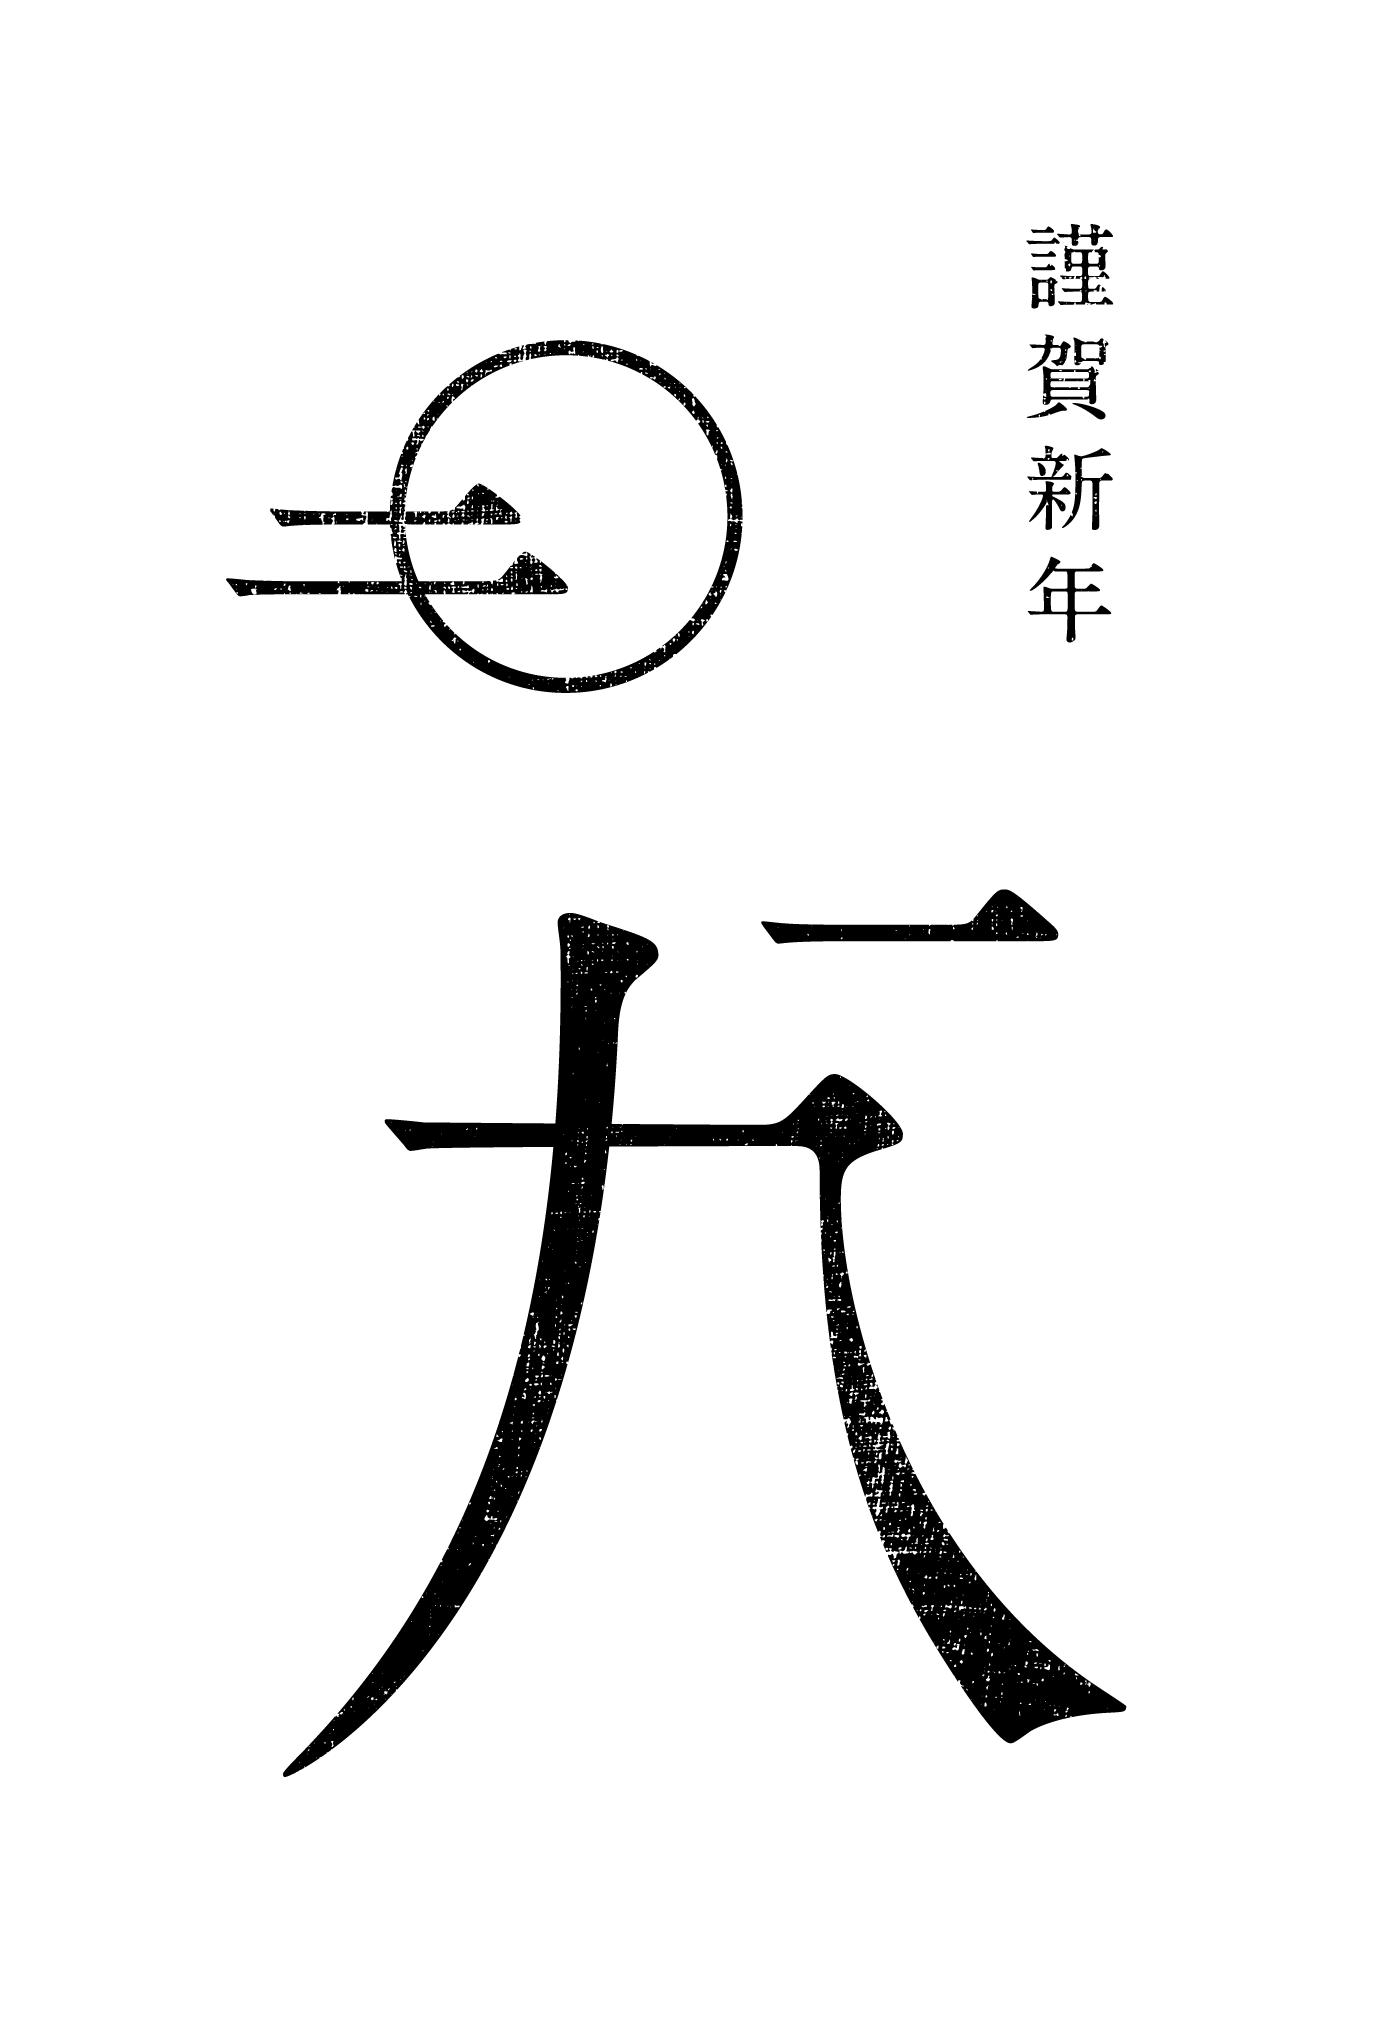 2019年賀状17-1:明朝富士 / 黒のダウンロード画像